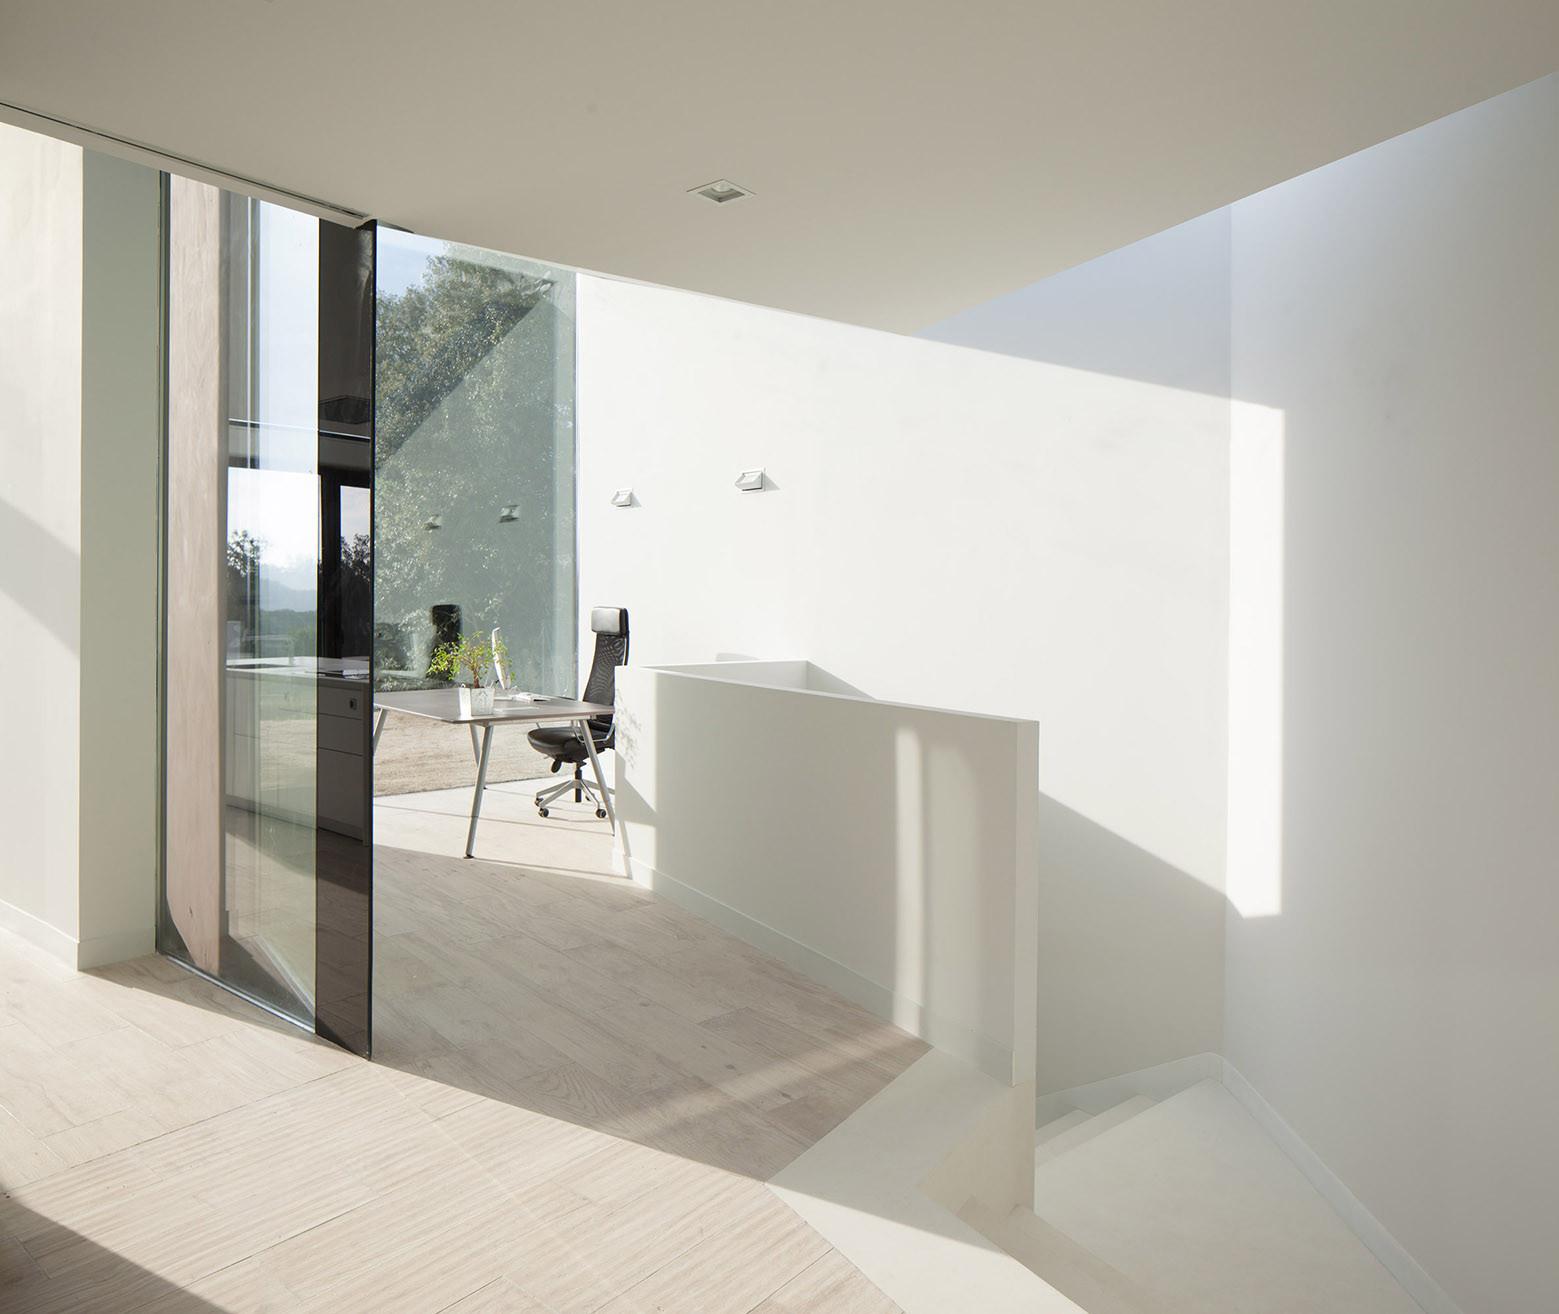 336 - Diseño tentacular y luminoso ambiente minimalista en Castellcir, Barcelona